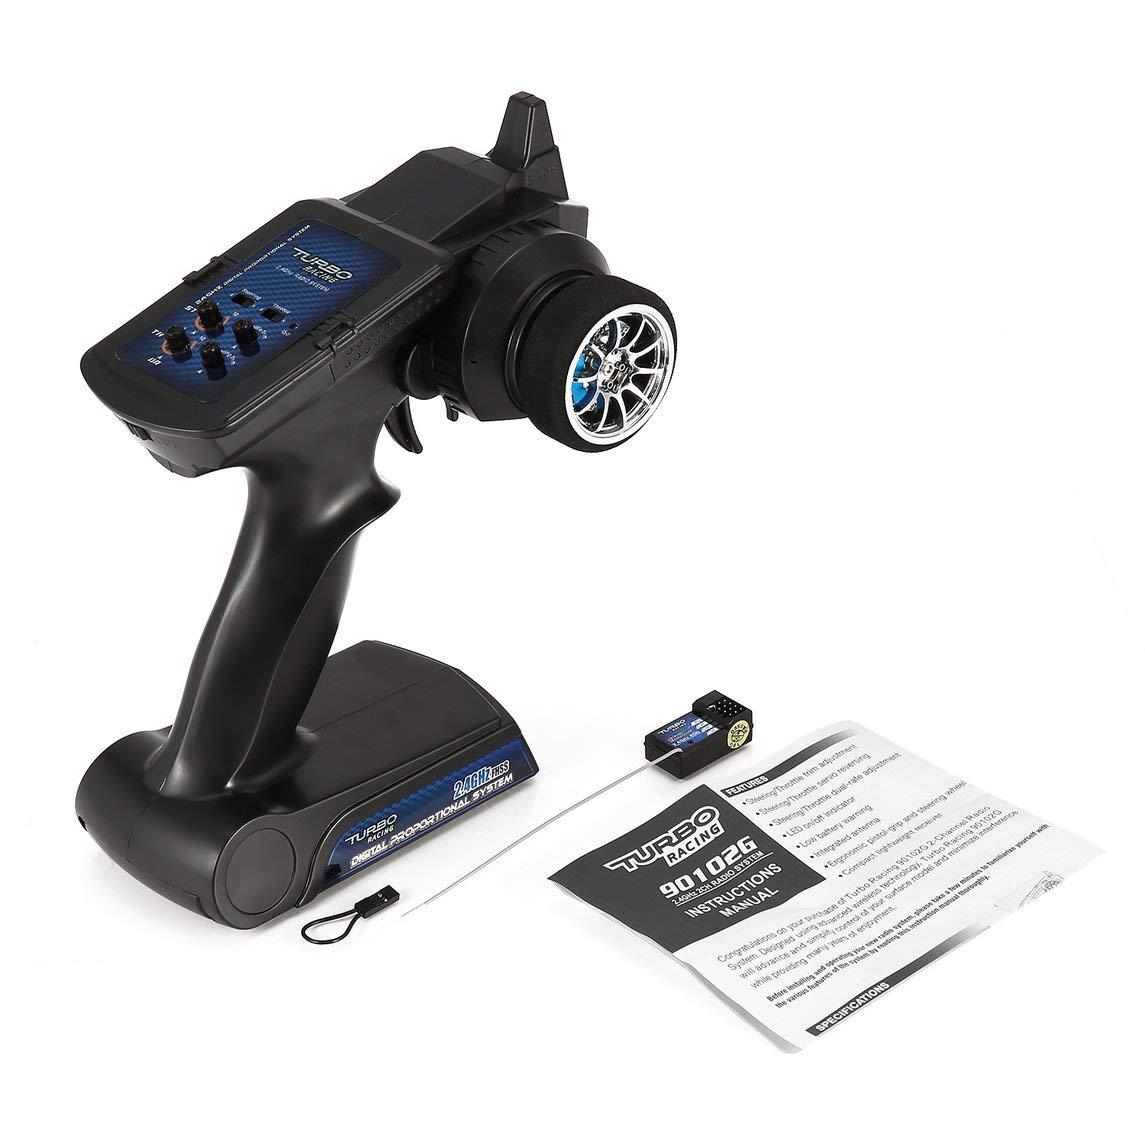 Footprintse 90102G 2.4GHz 2CH Radio Transmisor de Control Remoto con Receptor para Coche RC Vehículo Todo Terreno Barco RC Repuestos de Camiones: Amazon.es: ...